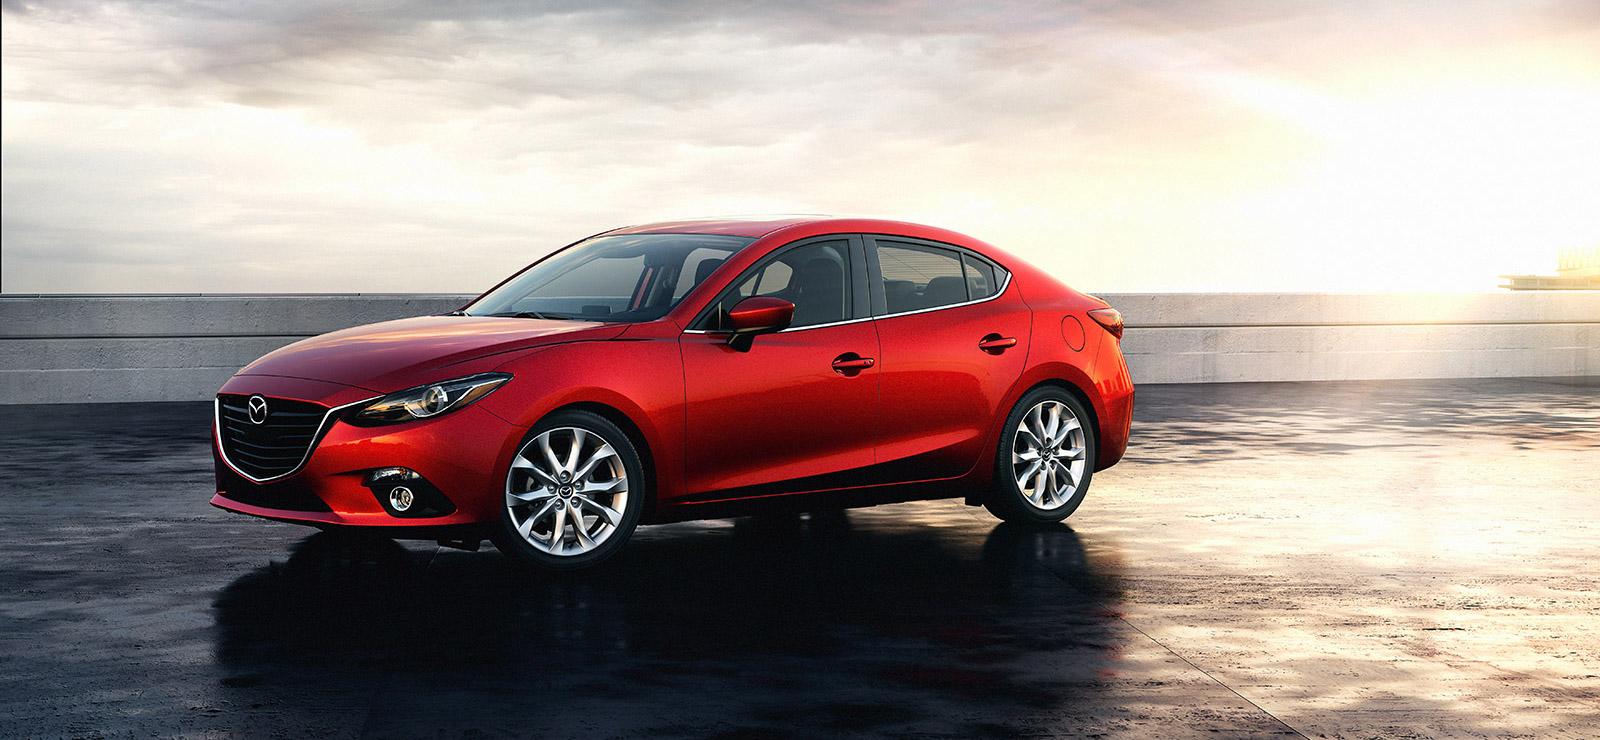 2014 <b>Mazda3 Sedan</b> - Front | HD <b>Wallpaper</b> #2